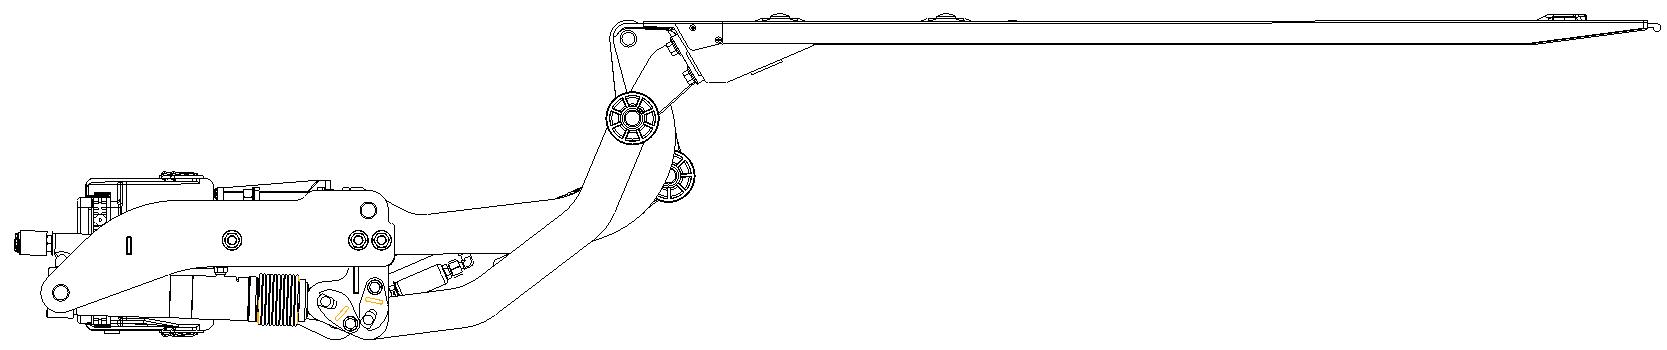 Tail Lift: Ratcliff Tail Lift Wiring Diagram At Satuska.co